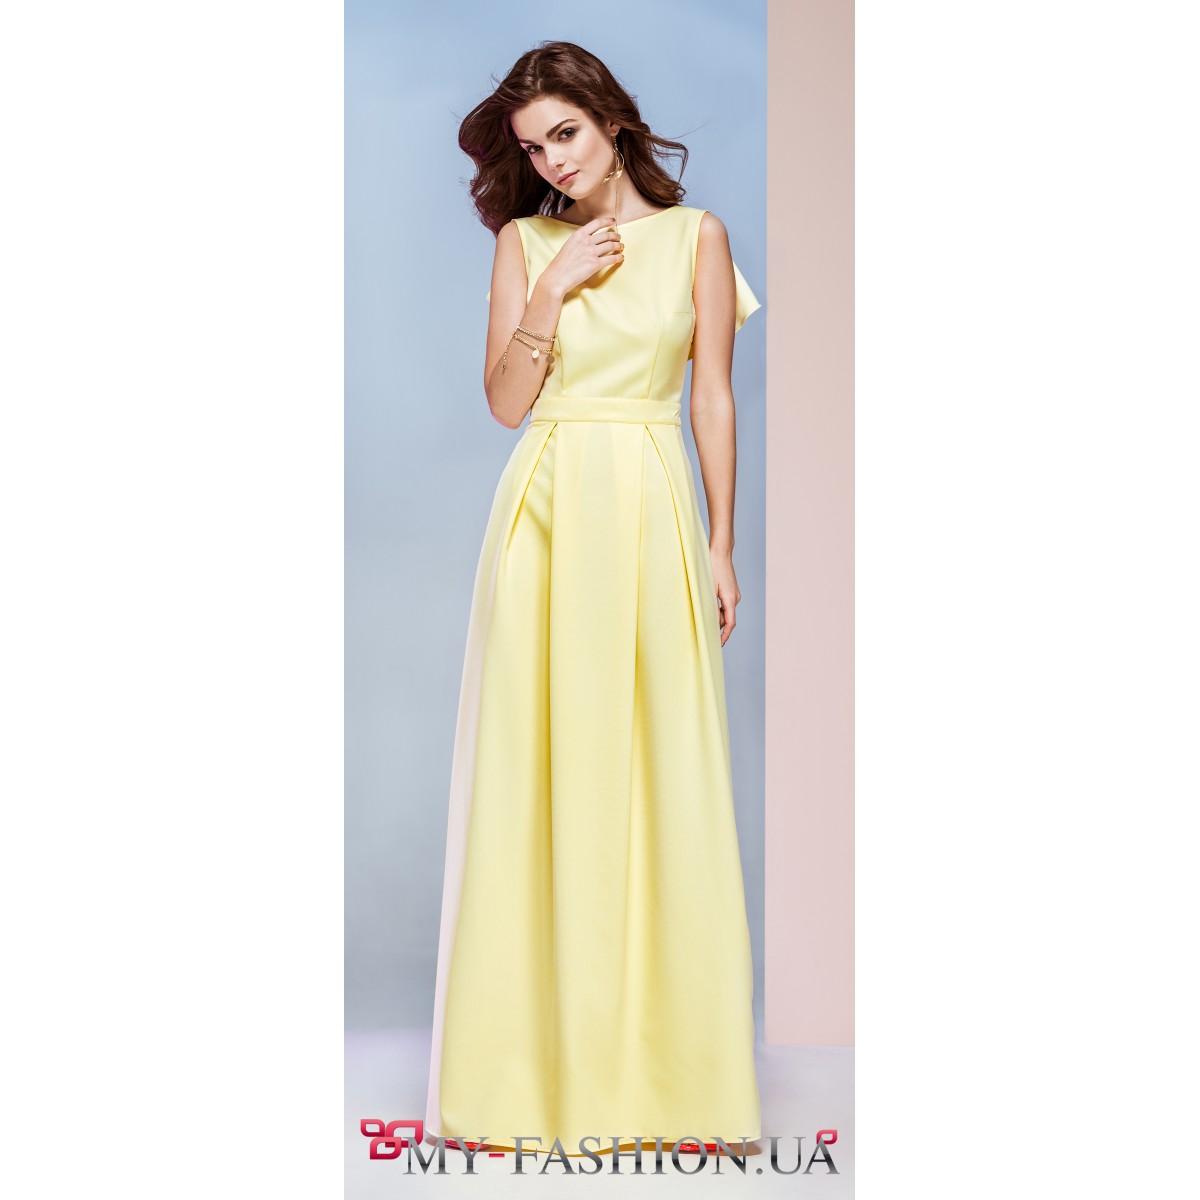 Где можно купить платье с доставкой